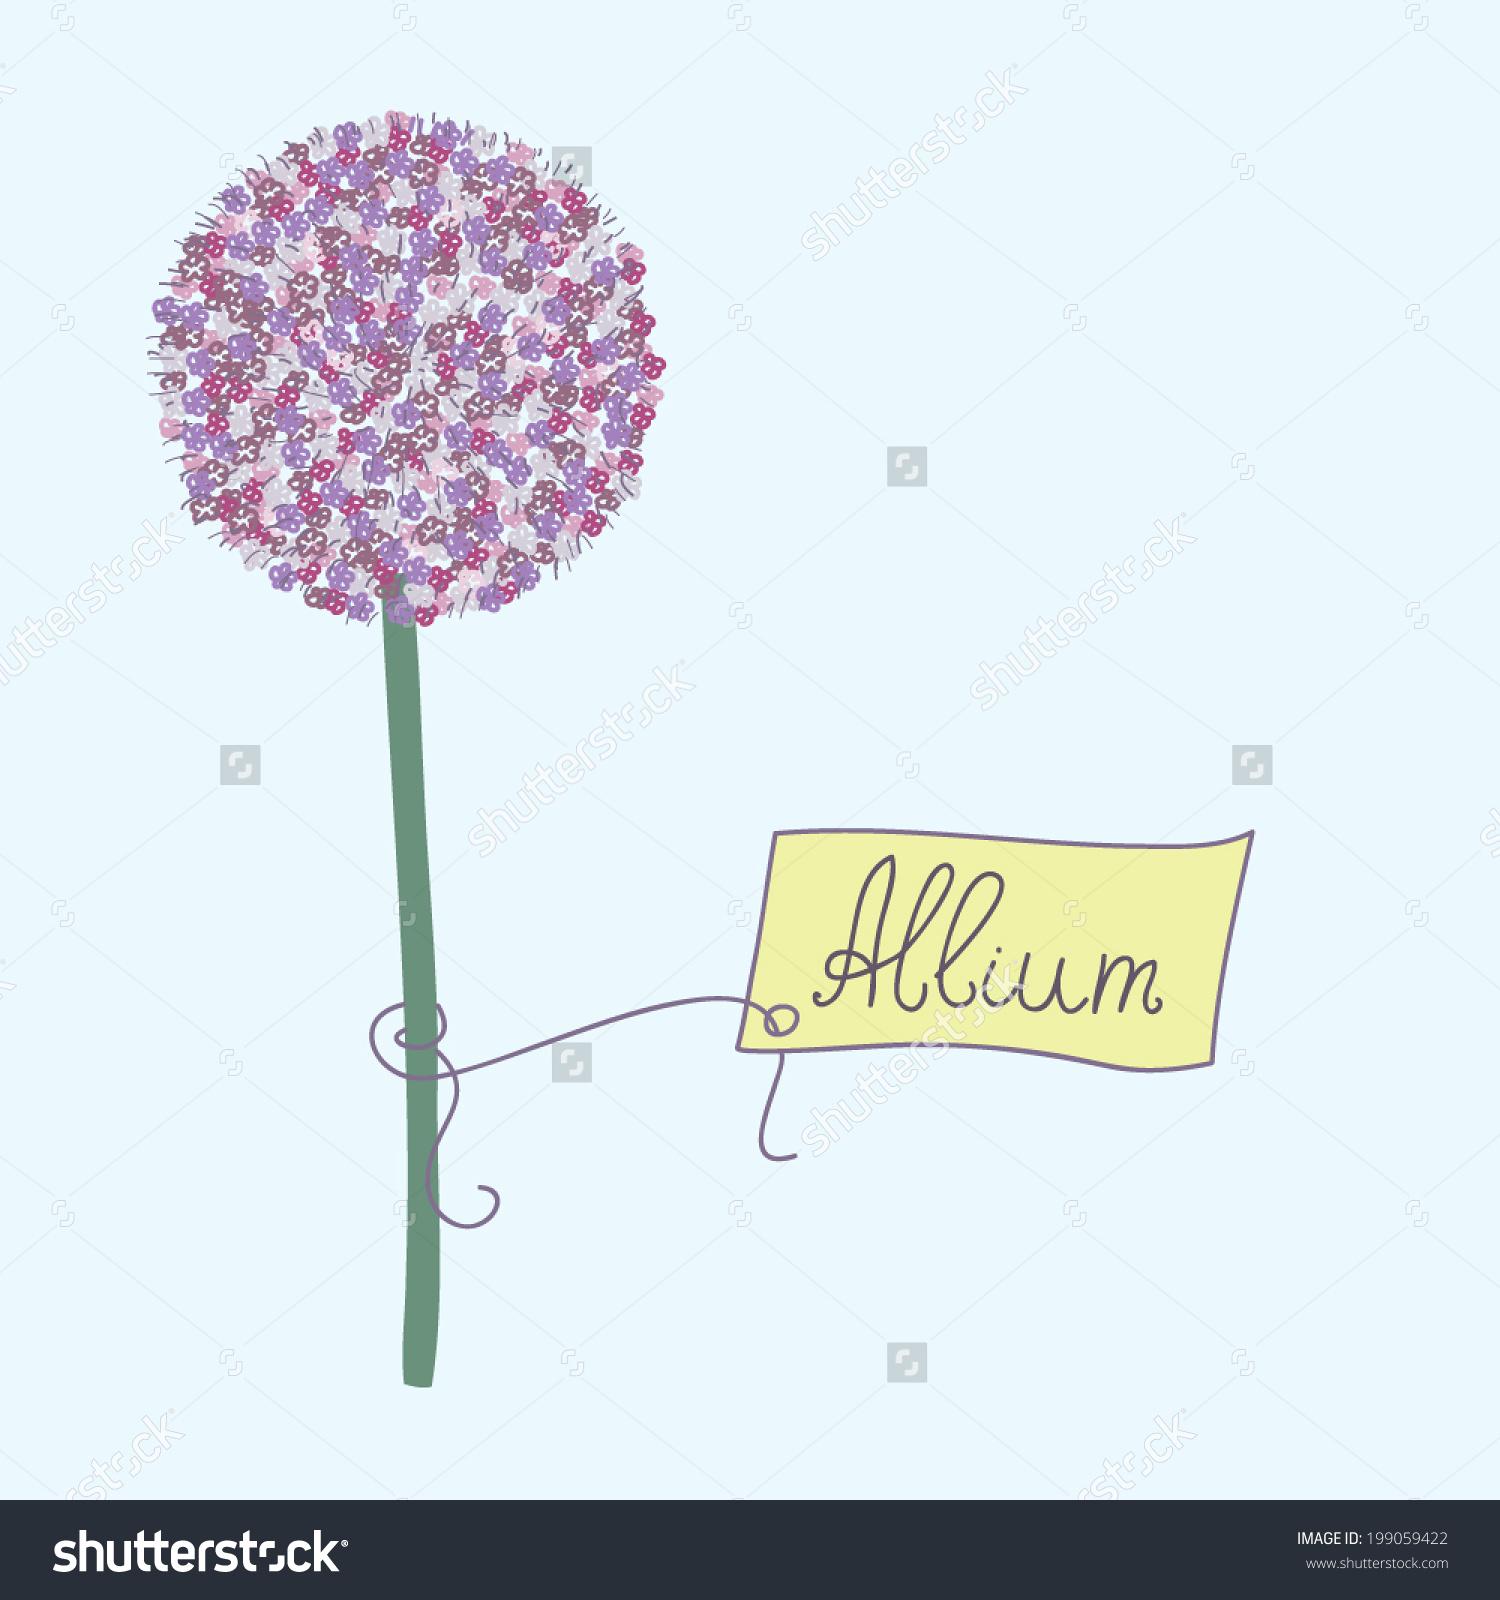 Allium clipart #5, Download drawings